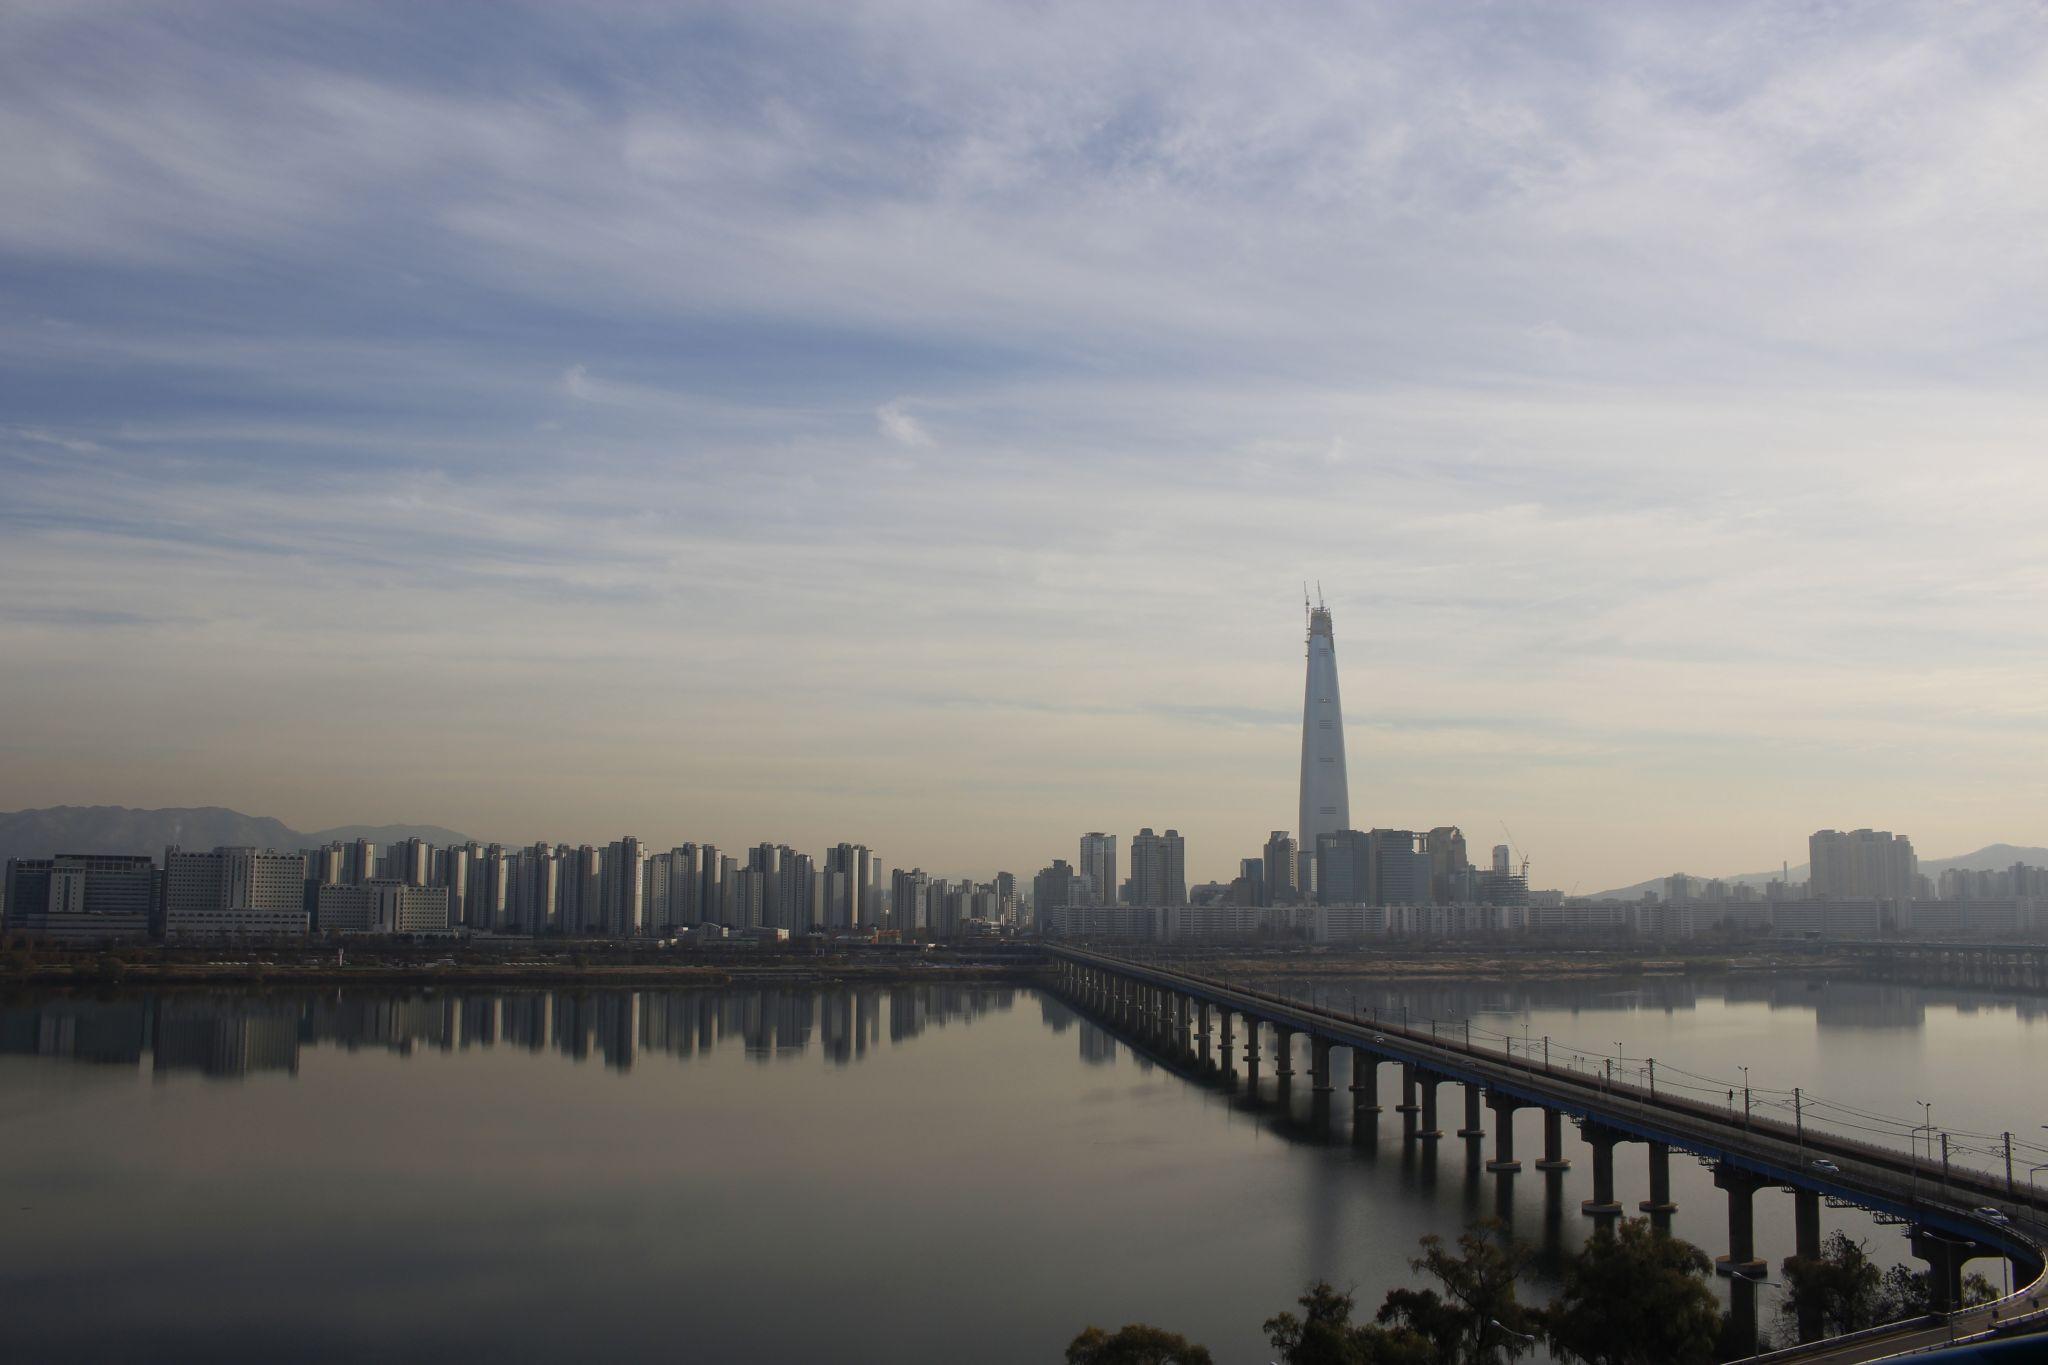 Sky park(하늘공원), Korea